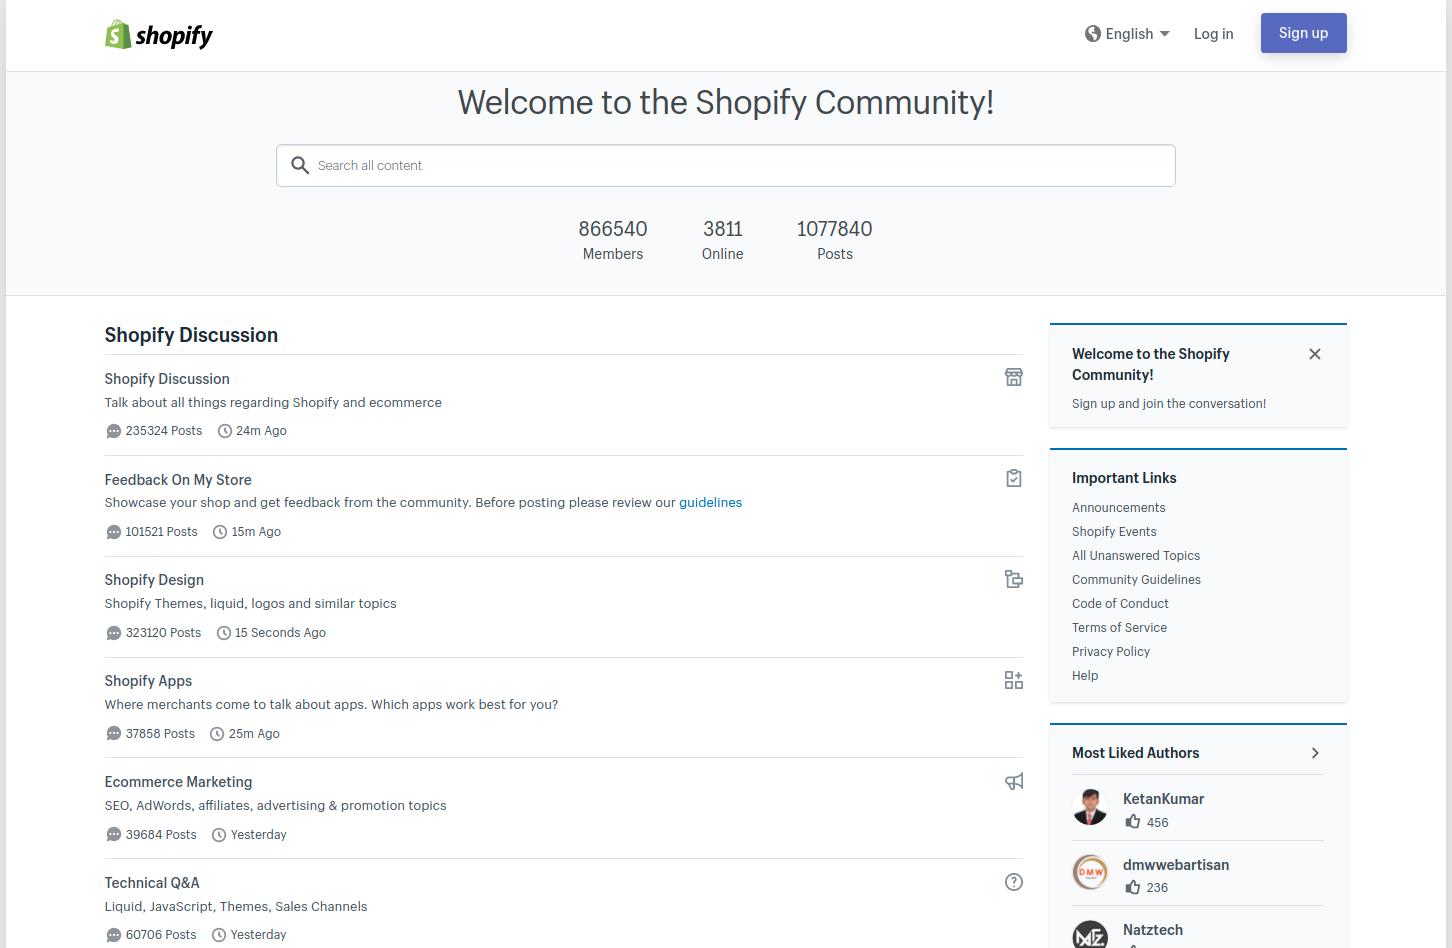 shopify-community